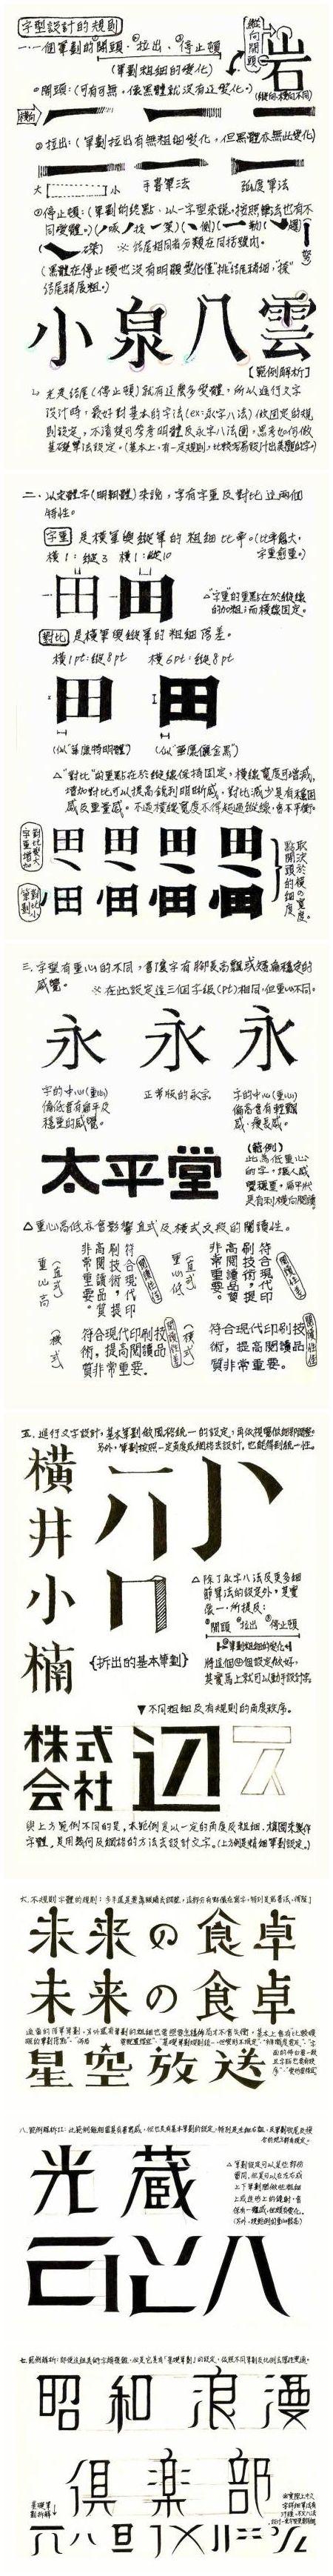 字體設計規則